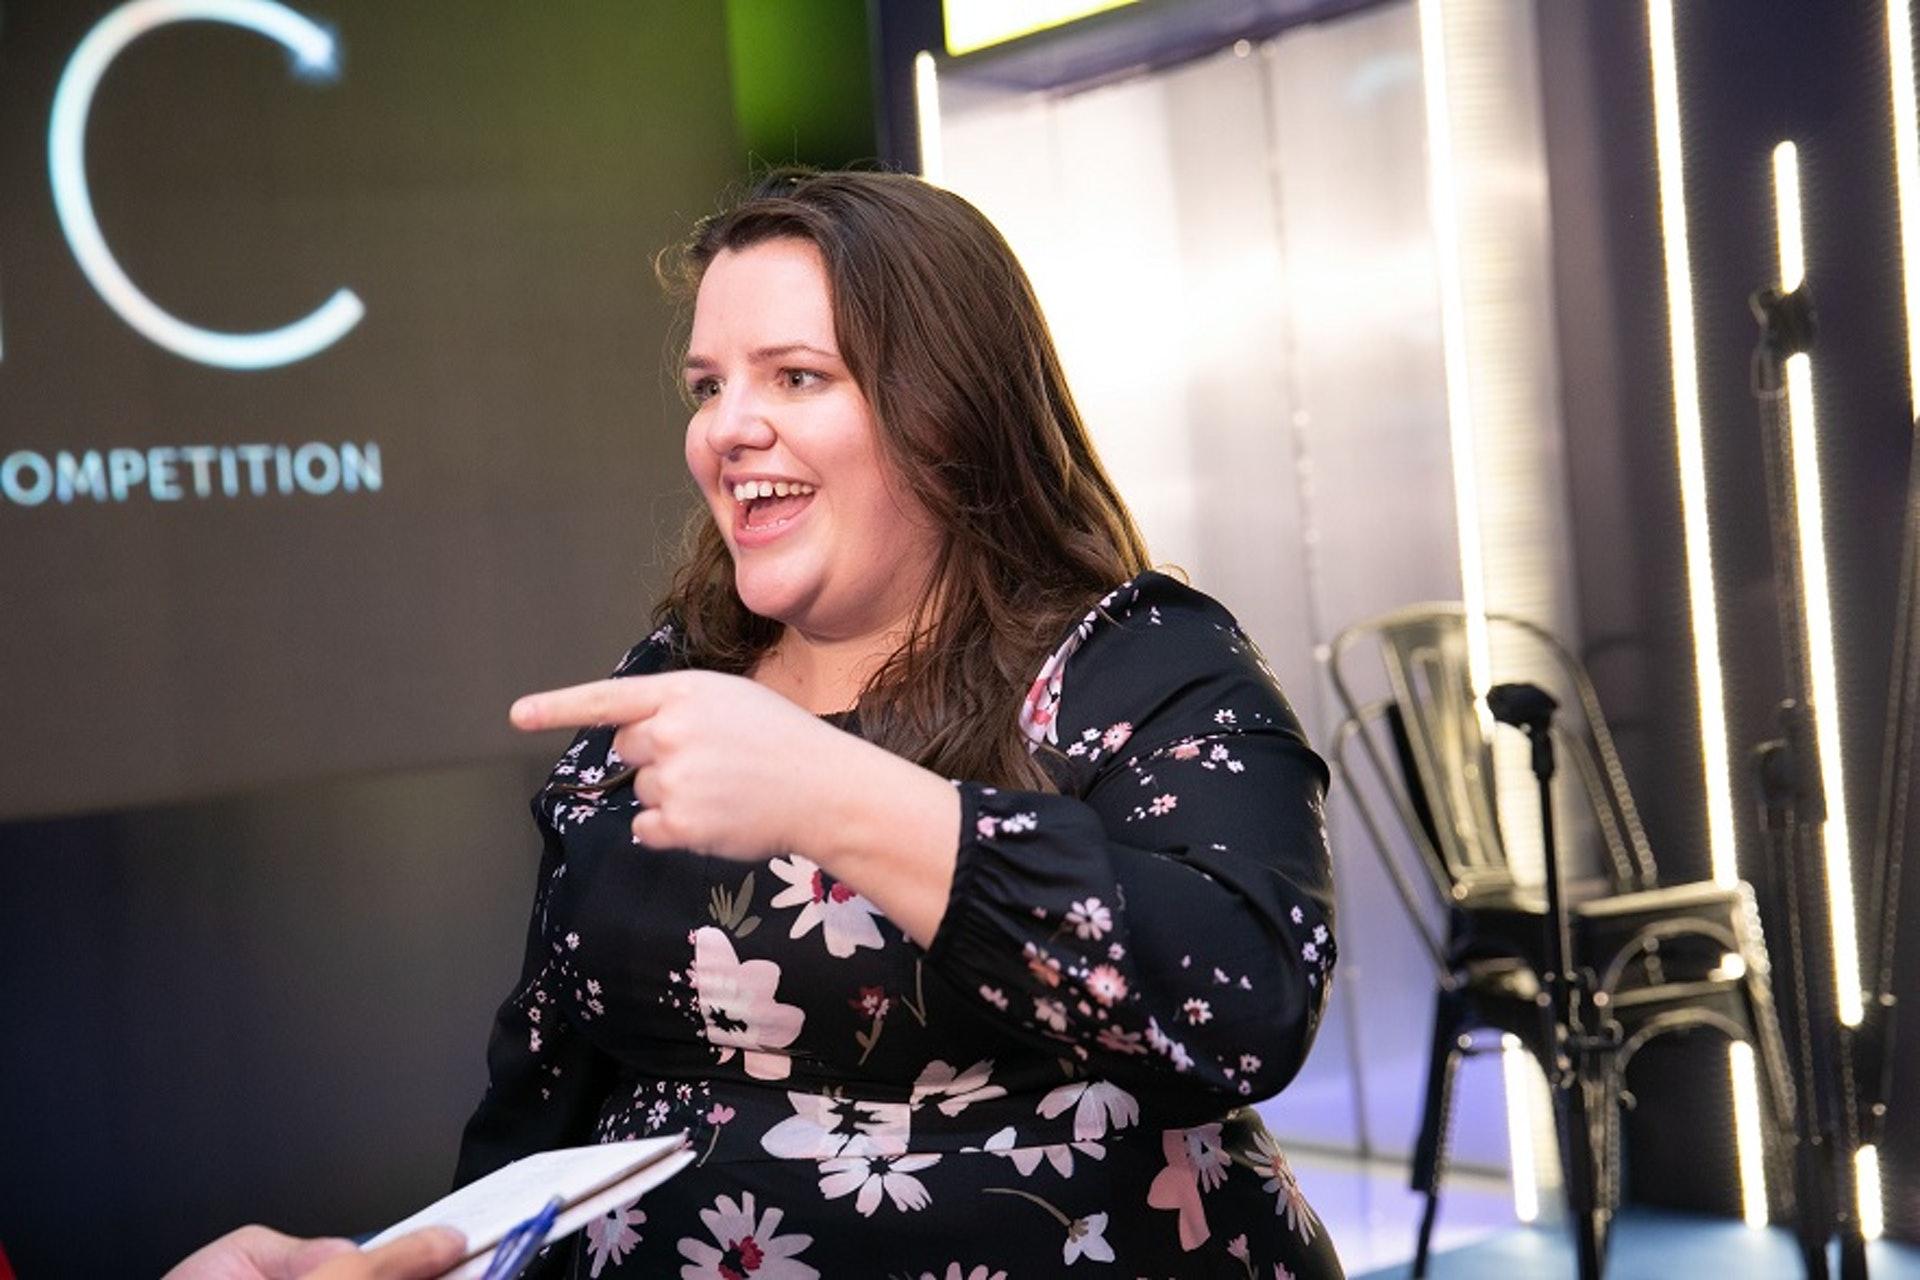 以診斷白內障技術贏得健康老齡化組別大獎的創企VisusNano創辦人Joanna Gould,笑言會把獎金用在日後的技術研發上。有意再來香港一趟嗎?「當然會,不過下次是要為旅行而來啊!」